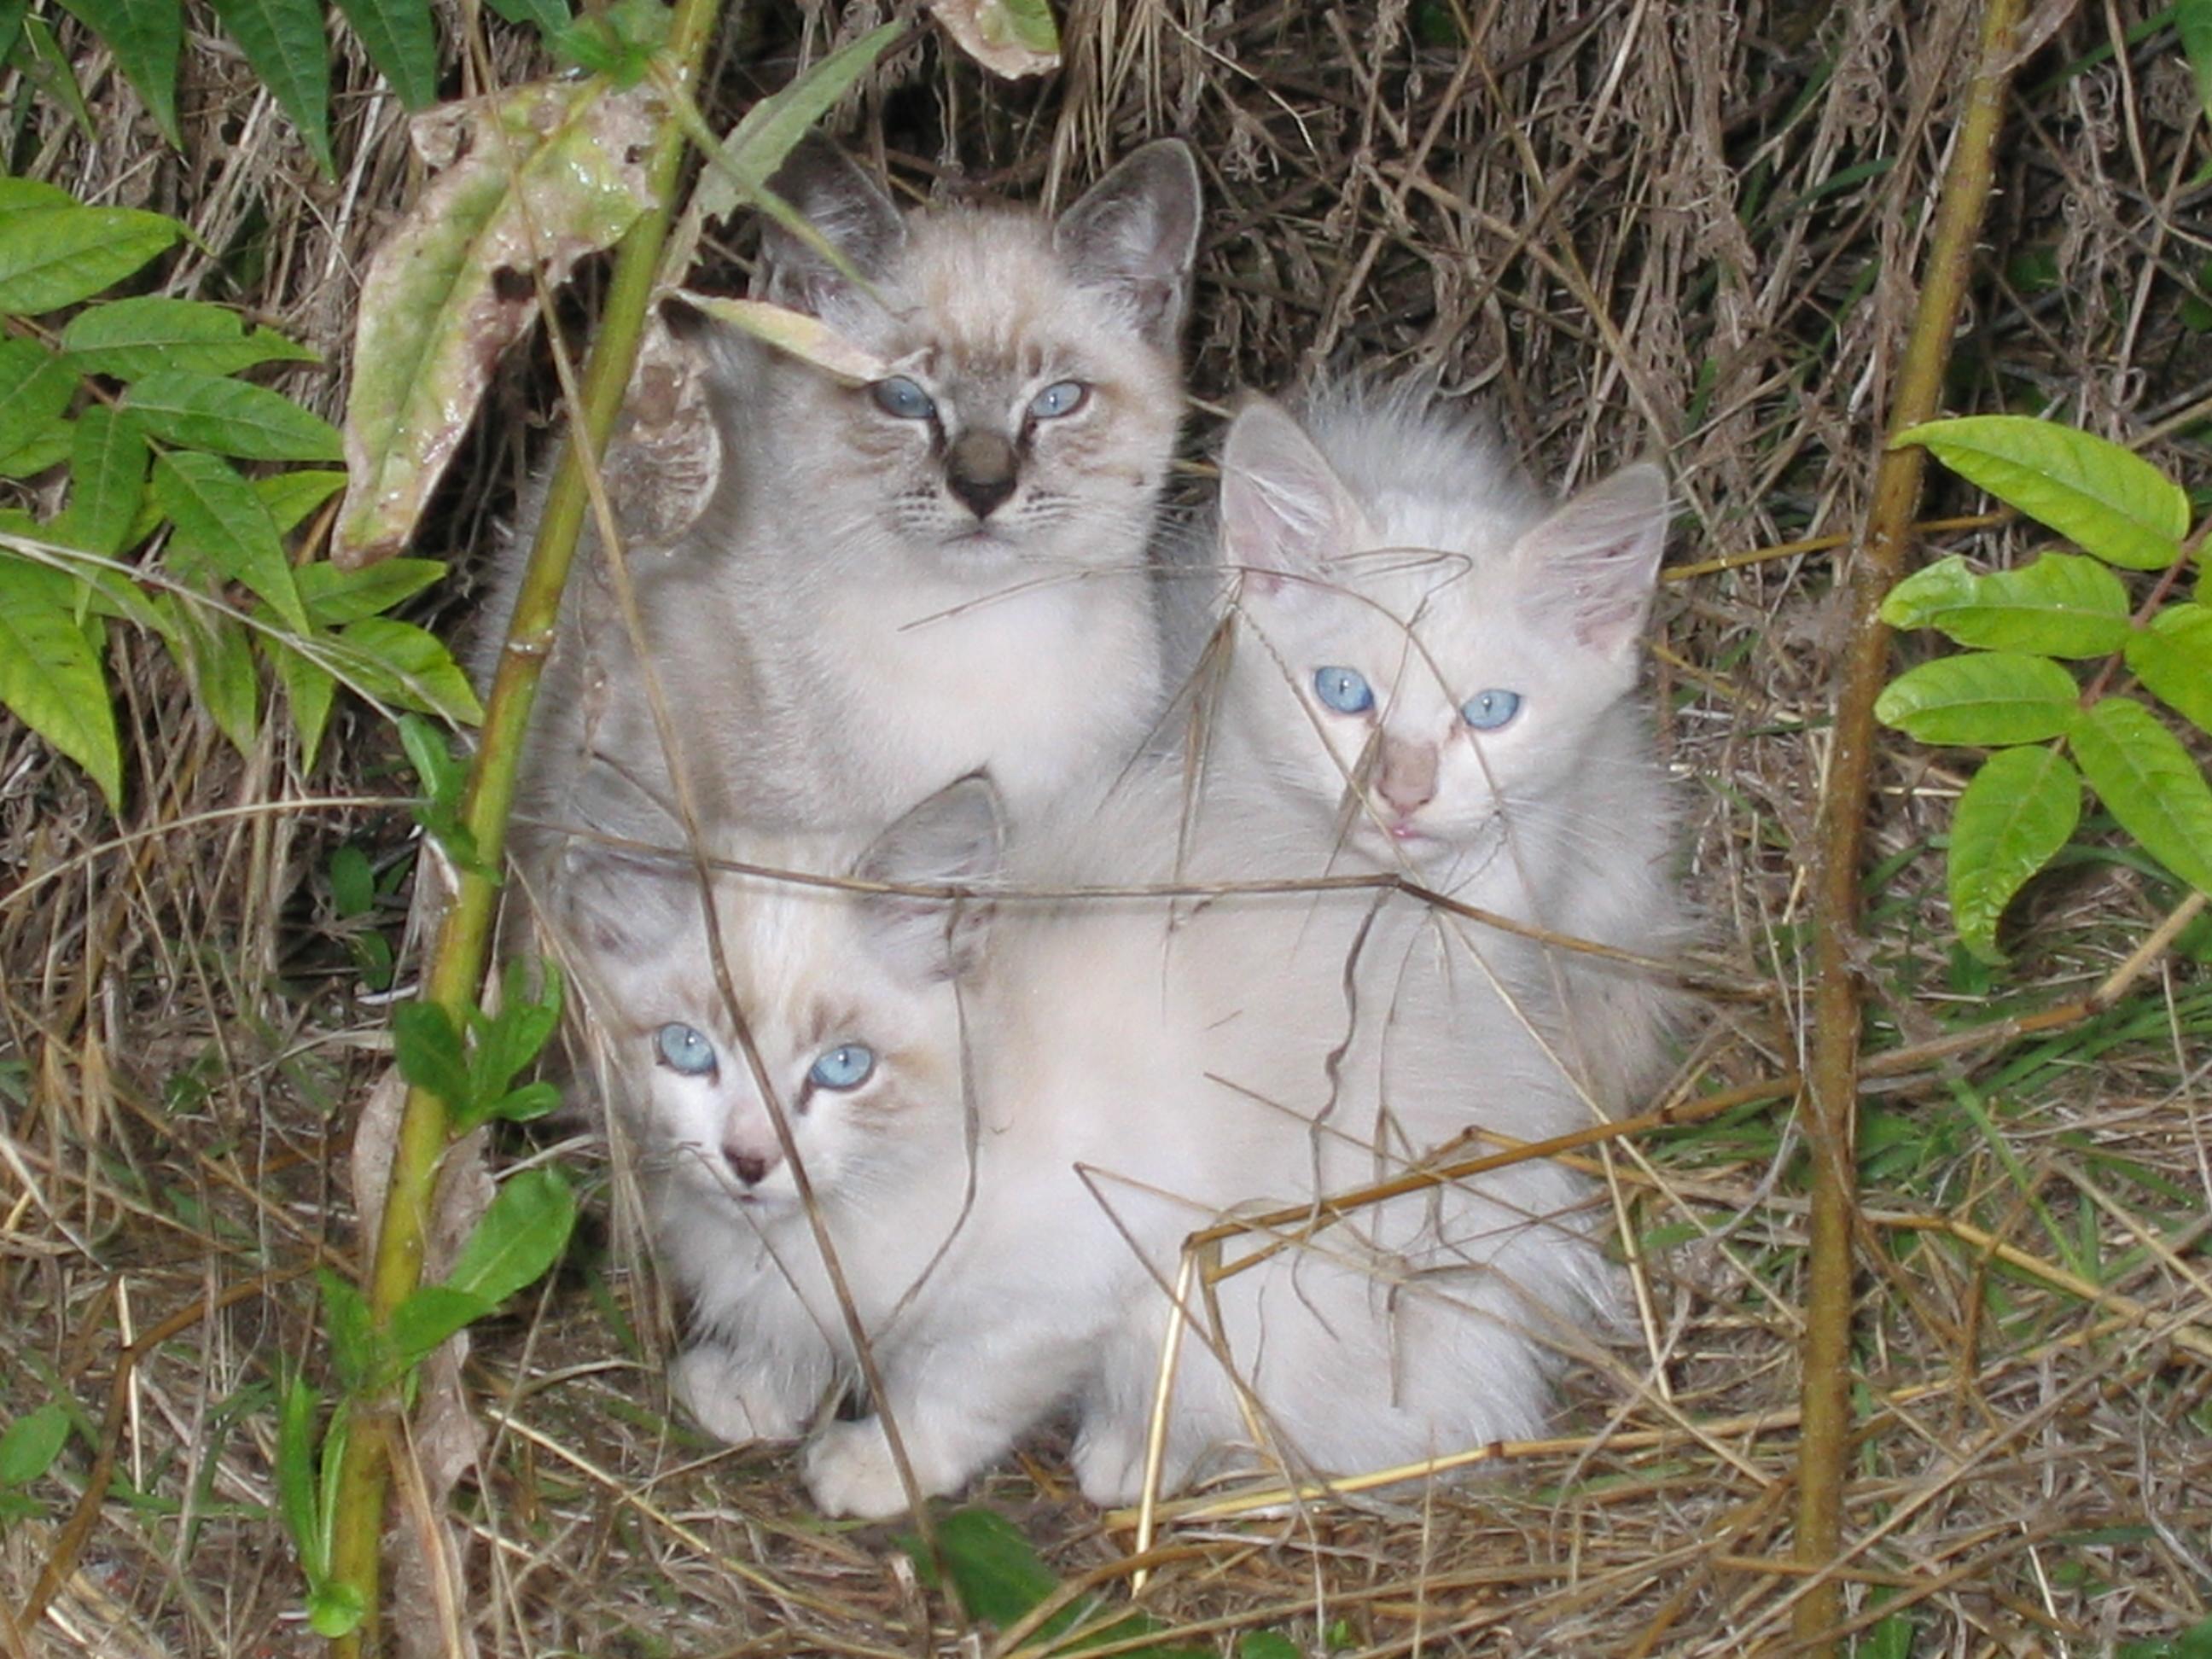 >> صور قطط << تبع المسابقه << 3months-old_crossbreed_cats.jpg